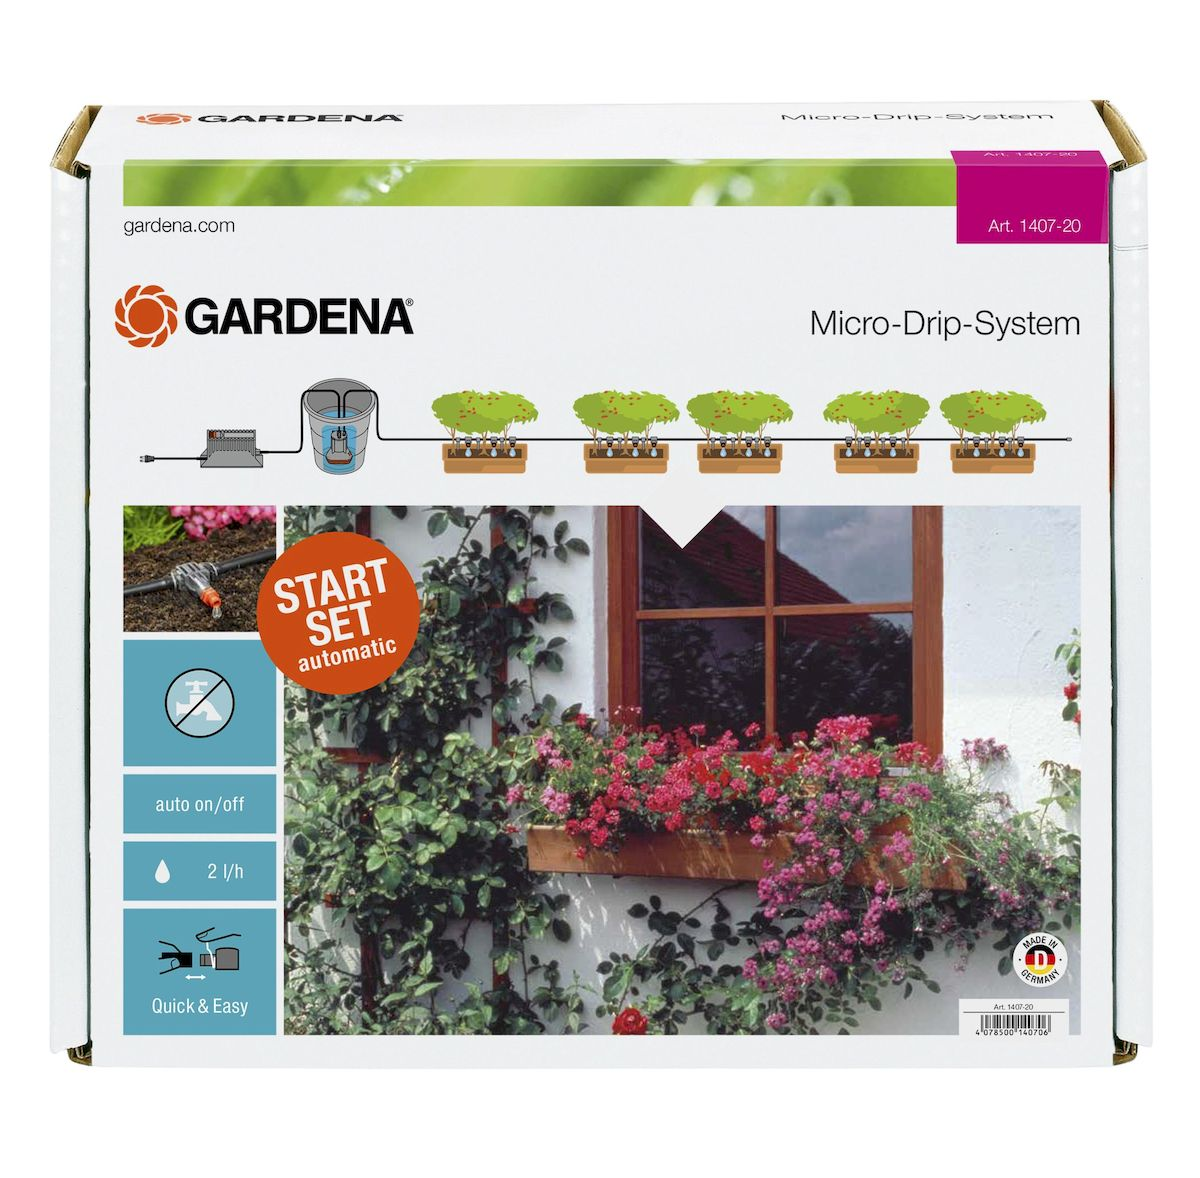 Комплект микрокапельного полива горшечных растений Gardena01407-20.000.00Система микрокапельного полива Gardena предназначена для автоматического полива горшечных растений протяженностью до 6 м. Наличие встроенного таймера с 13 заданными программами позволяет легко поливать горшечные растения в ваше отсутствие. Для того чтобы исключить зависимость от водопровода, полив растений может осуществляться напрямую, например, из бака с дождевой водой. Для полива горшечных растений на протяжении более 6 м в систему можно включить дополнительные элементы. Для рационального полива к системе полива горшечных растений можно подключить датчик дождя Gardena и датчик влажности почвы Gardena. В комплекте: - трансформатор с вращающимся регулятором для выбора программы полива; - насос низкого давления 14 В;- фильтр; - внутренняя капельница (2 л/ч), 25 шт; - концеваязаглушка; - игла для прочистки; - подающий шланг 4,6 мм (3/16 дюйма), 10 м; - колышки для крепления шланга, 15 шт.